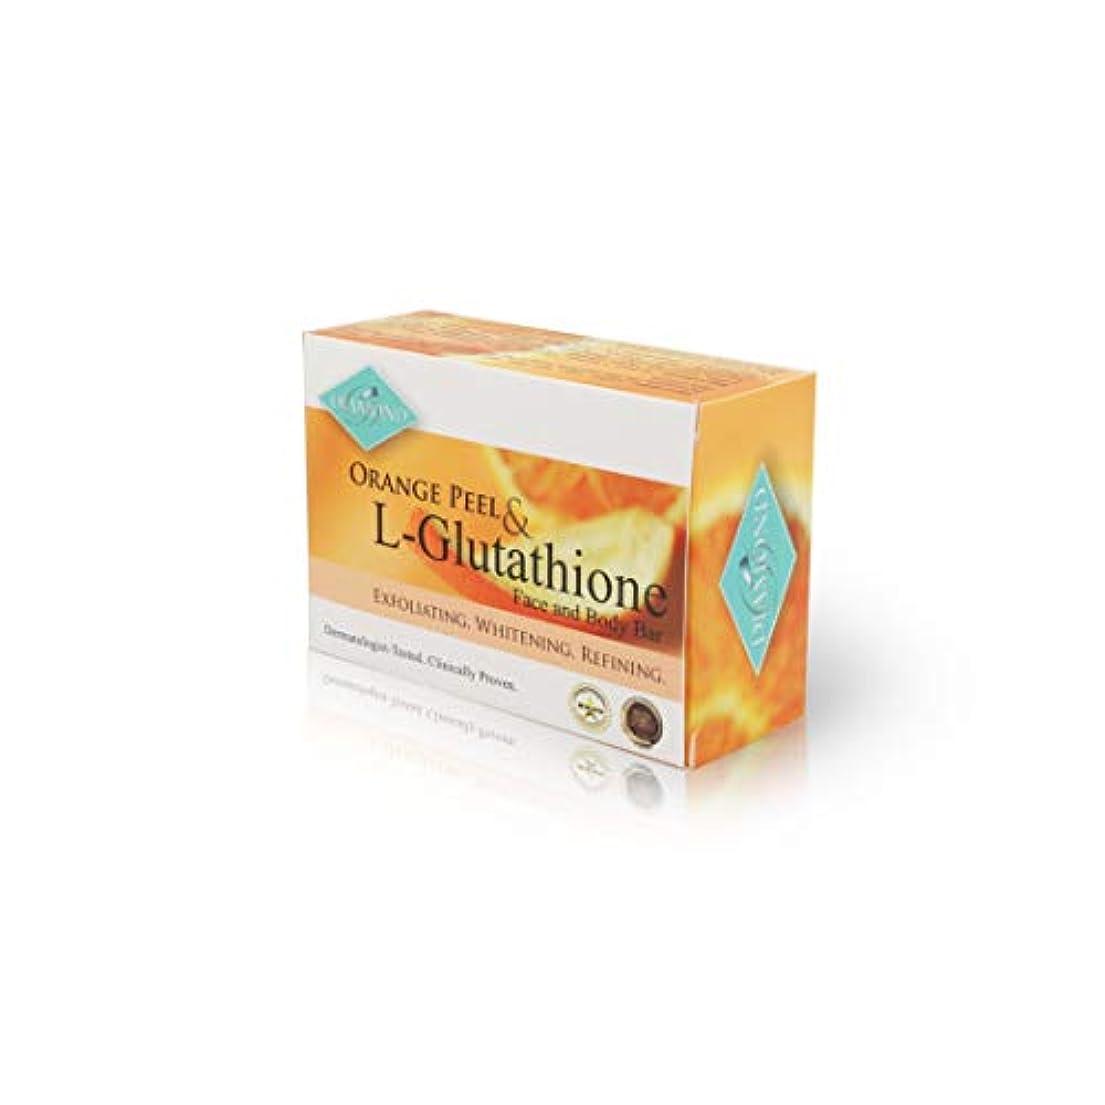 許容大事にする素晴らしい良い多くのDIAMOND ORANGE PEEL&Glutathione soap/オレンジピール&グルタチオン配合ソープ(美容石けん) 150g 正規輸入品